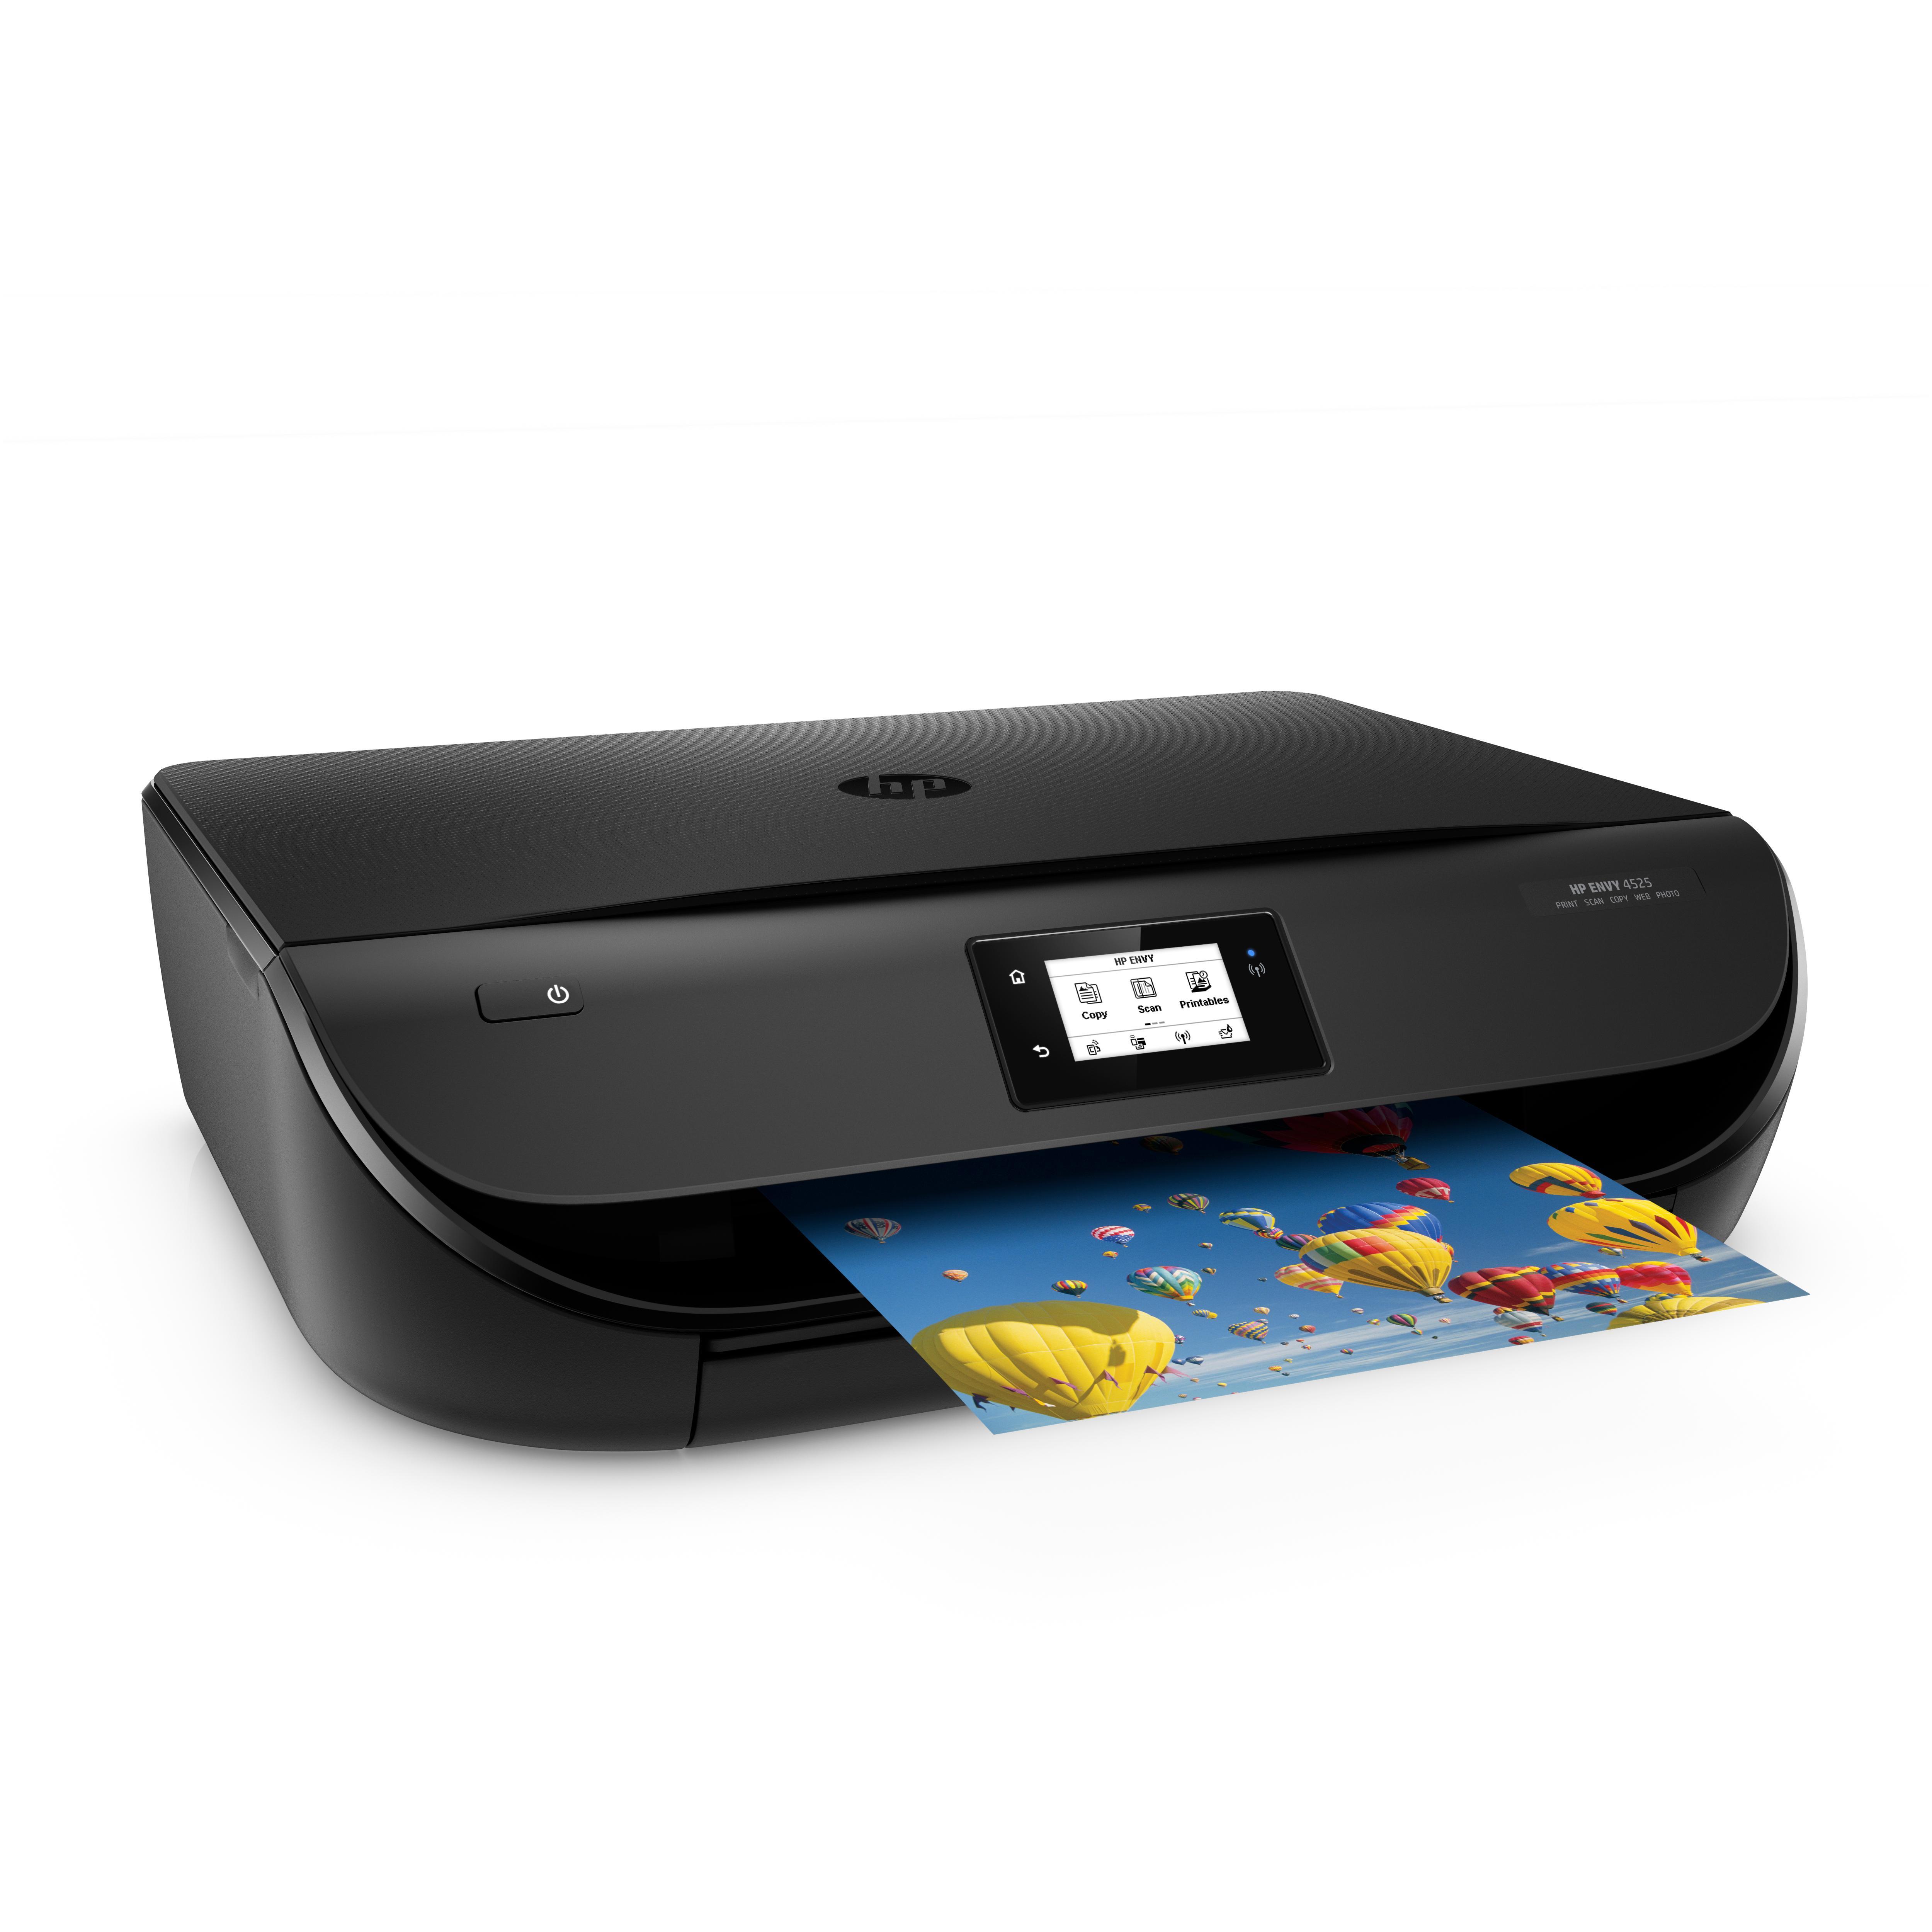 hp envy 4525 multifunktionsdrucker mit 3 probemonaten computer zubeh r. Black Bedroom Furniture Sets. Home Design Ideas